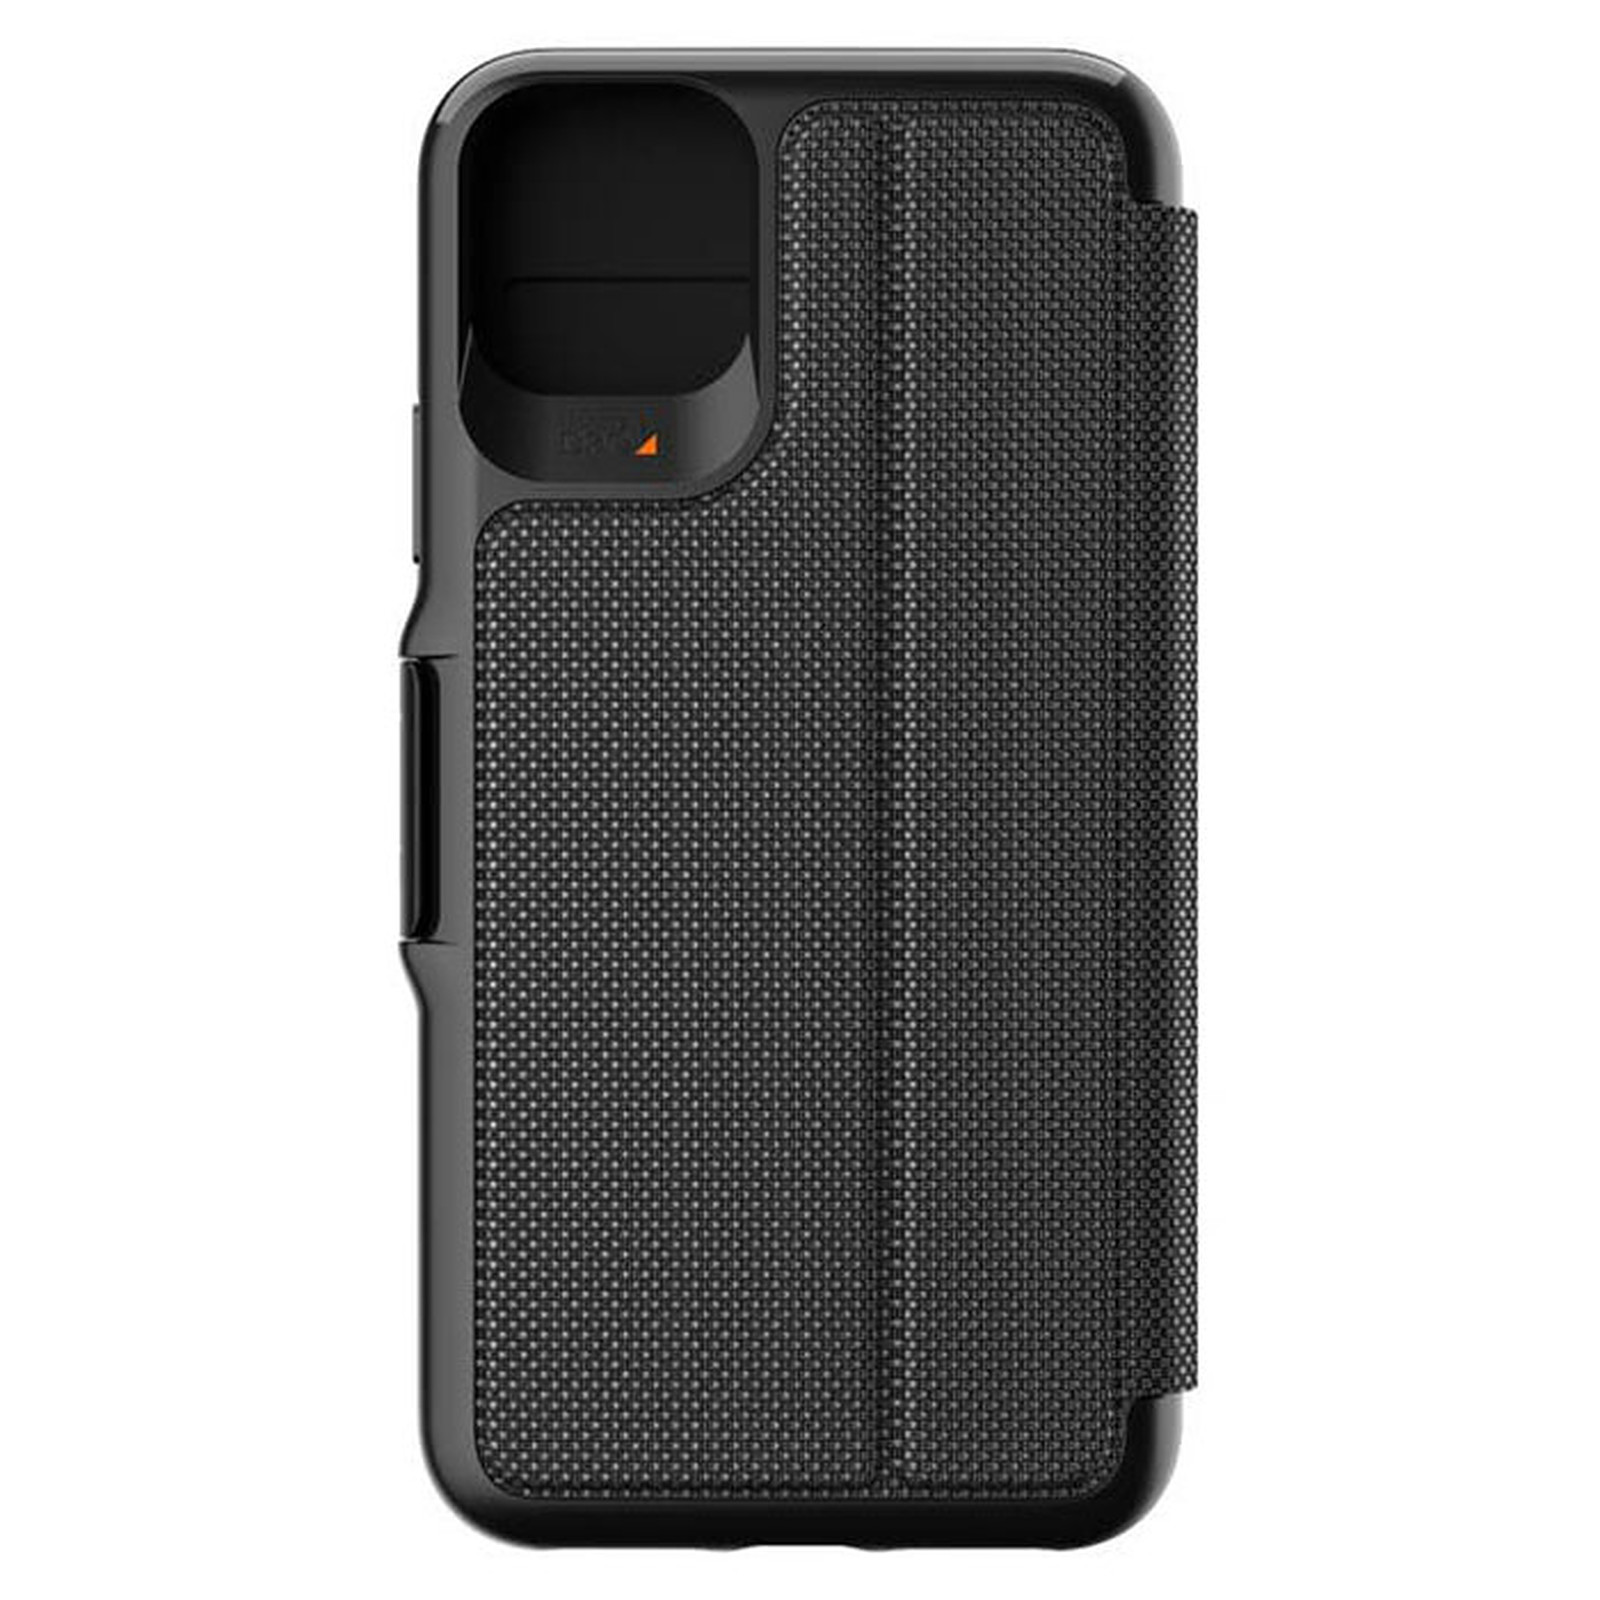 IPhone 11 Pro Max Coque de Protection Étui en Cuir Flip Support Style Housse Pochette pour iPhone 11 Pro Max